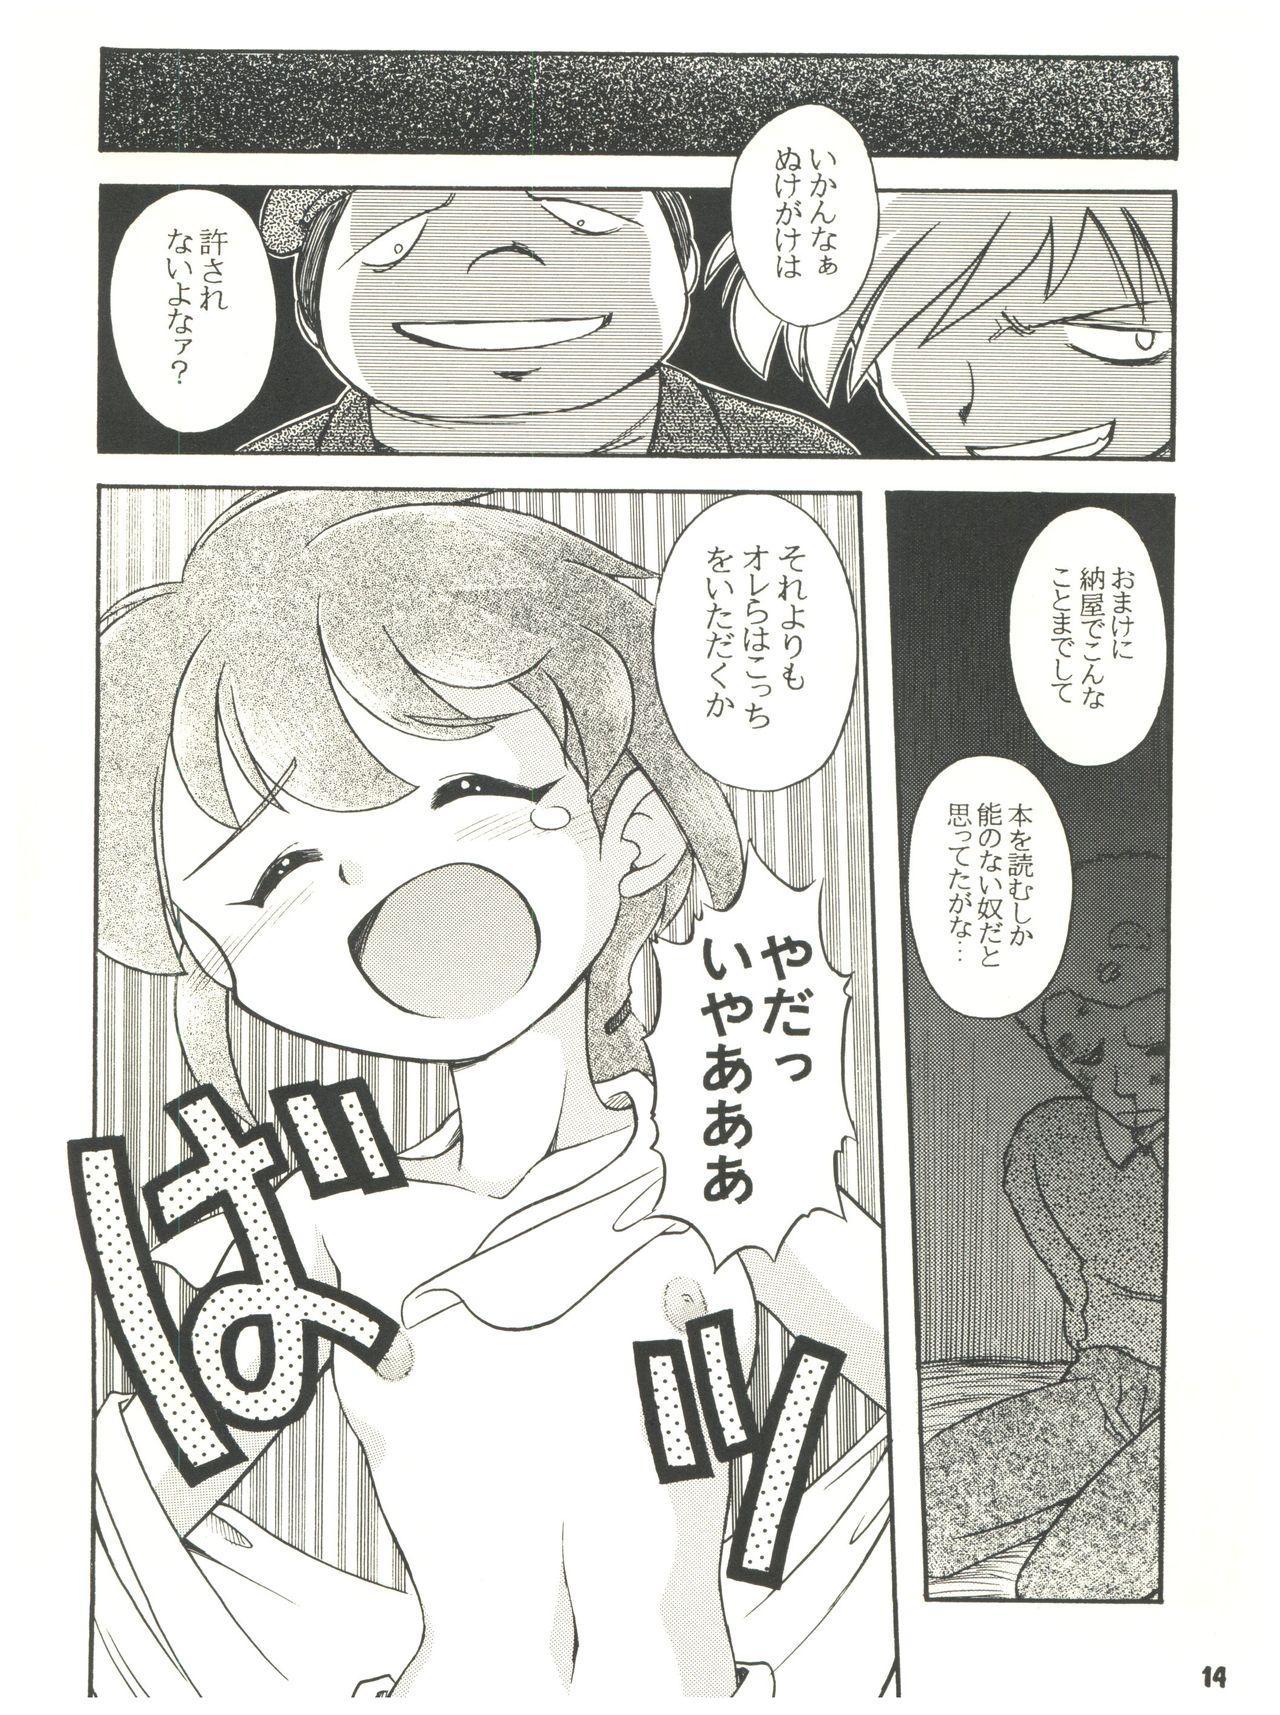 [Sairo Publishing (J. Sairo) En-Jack 2 (Various) 13